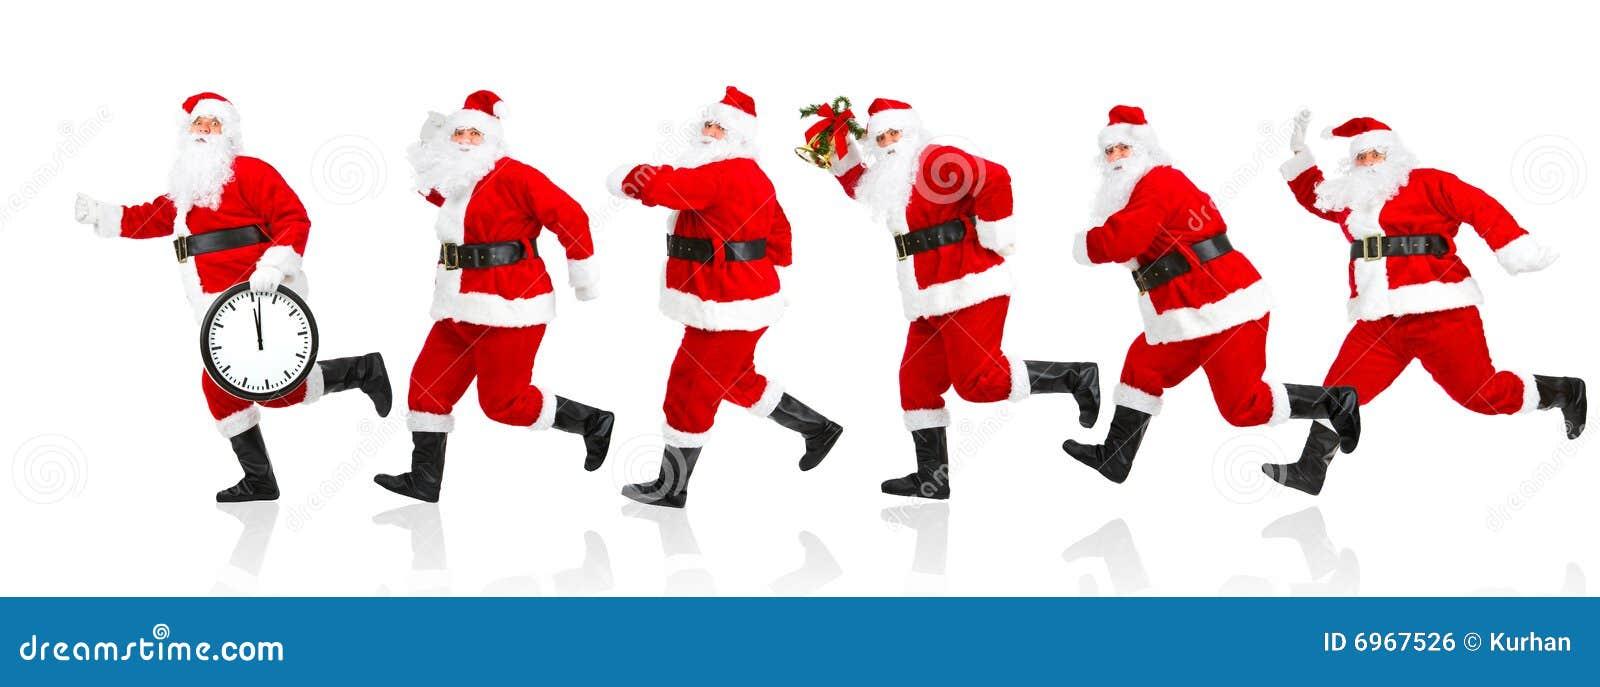 Happy Running Christmas Santas Royalty Free Stock Image - Image ...